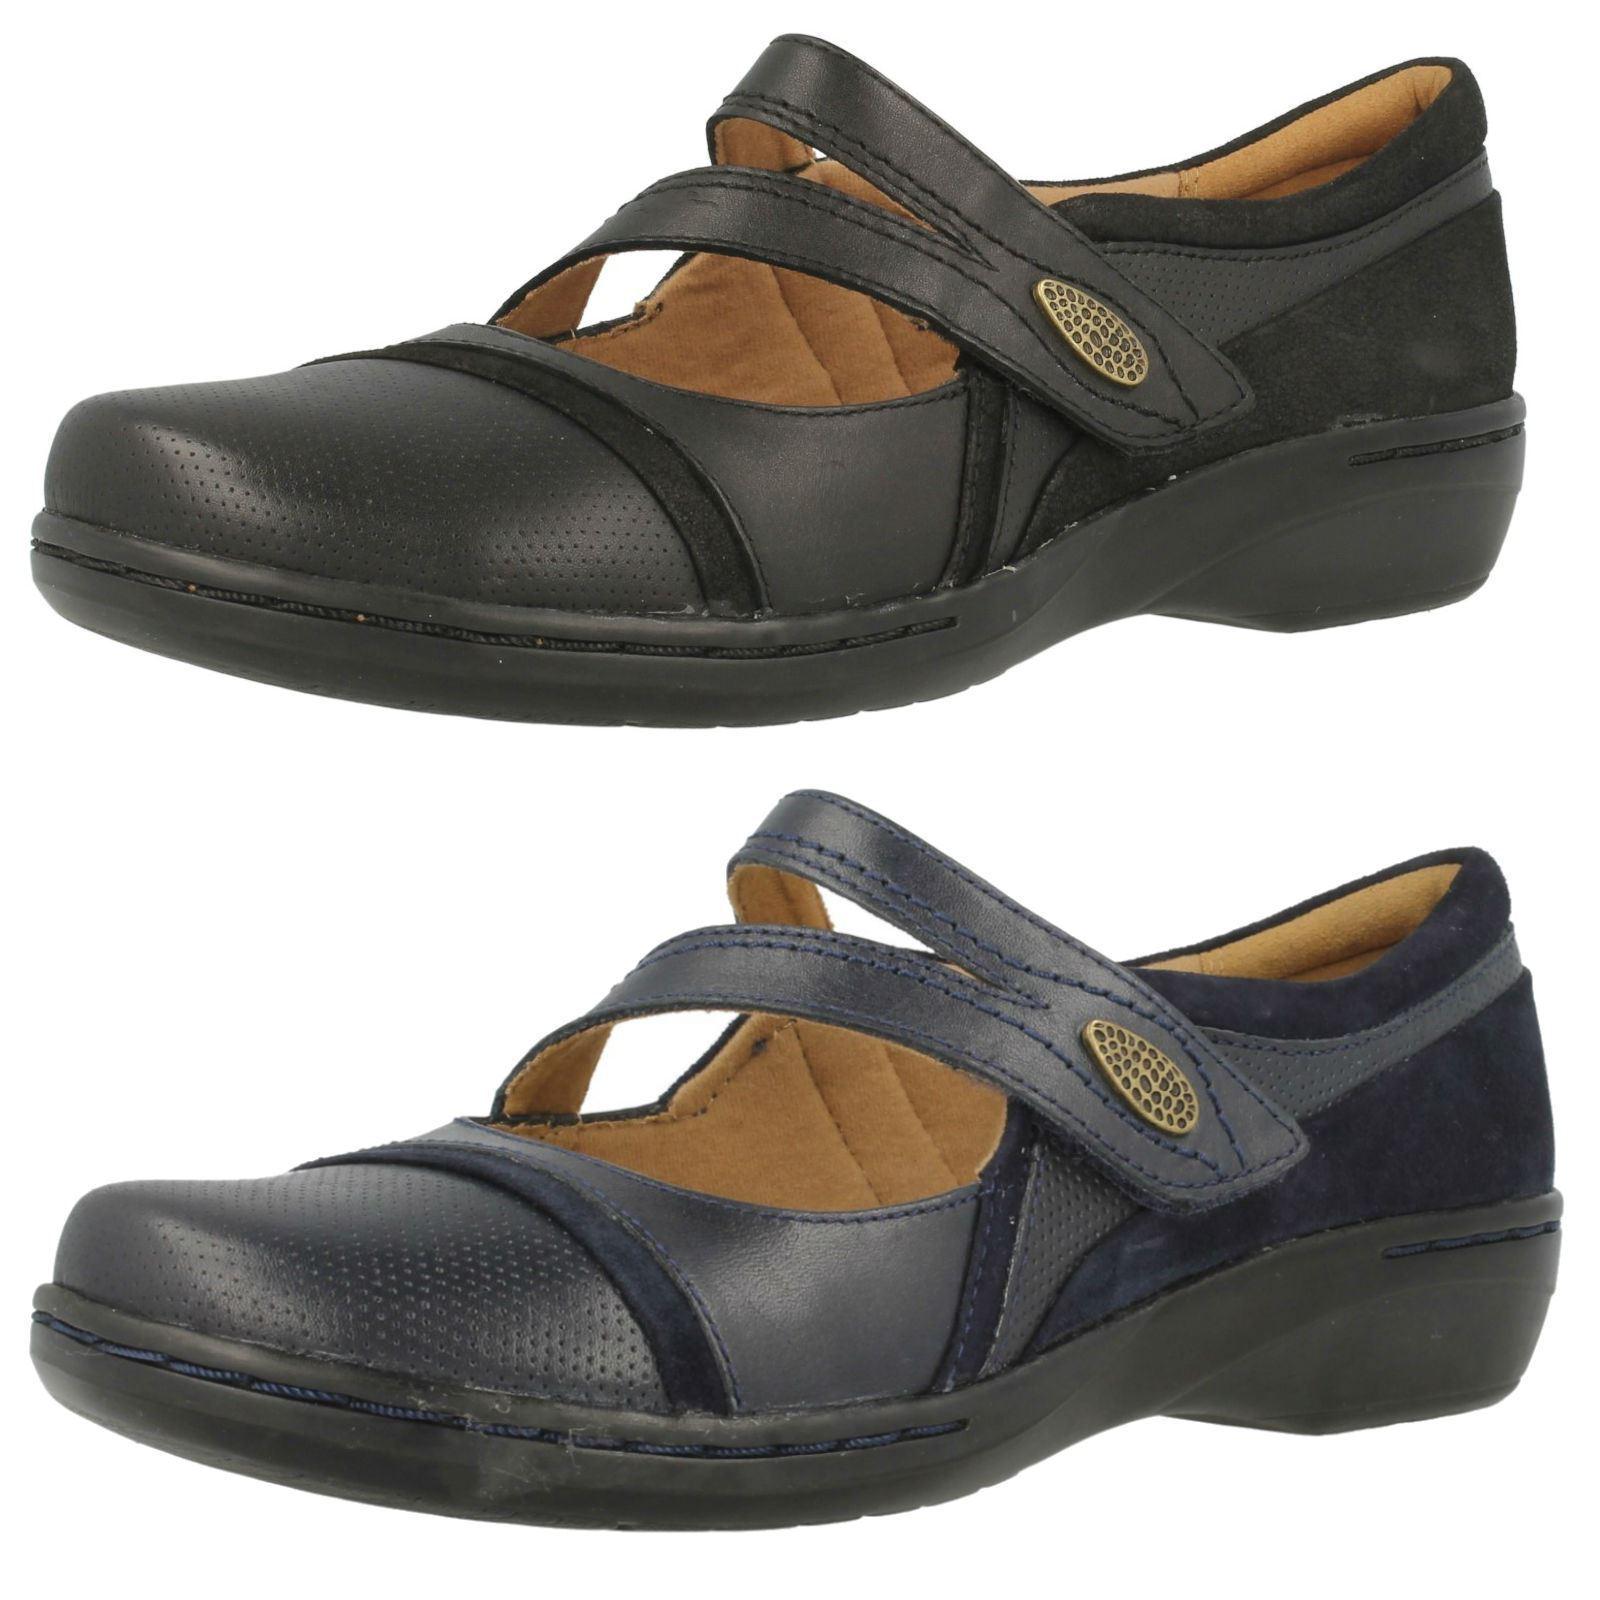 Clarks Mujer Mujer Mujer Cuero Cierre Adhesivo Informal Mary Jane bajo Zapatos de Cuña  precioso